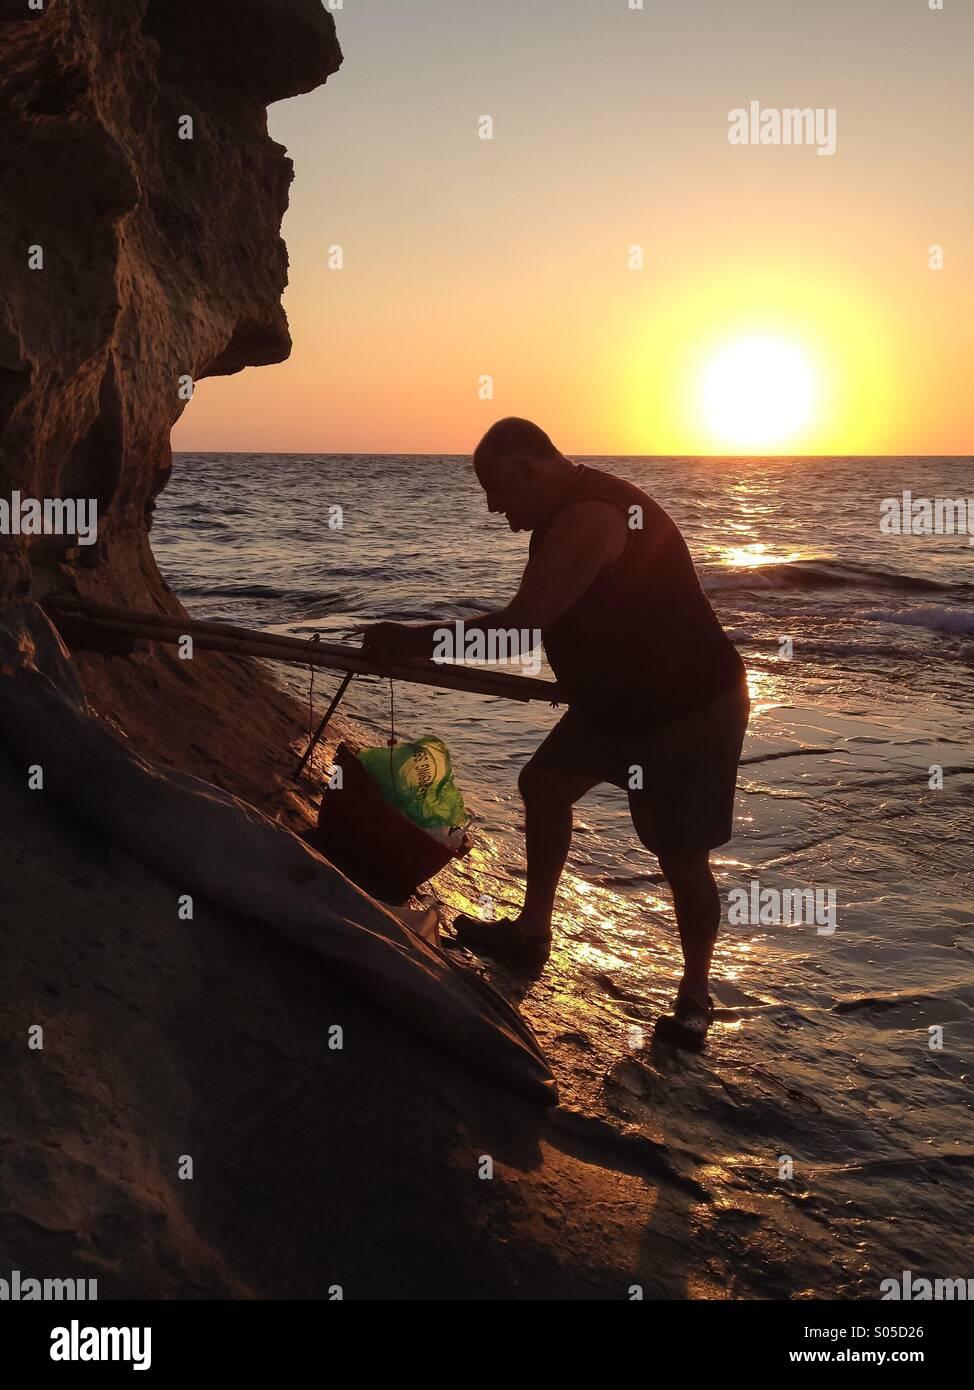 Fisherman preparing float and sail at dawn - Stock Image